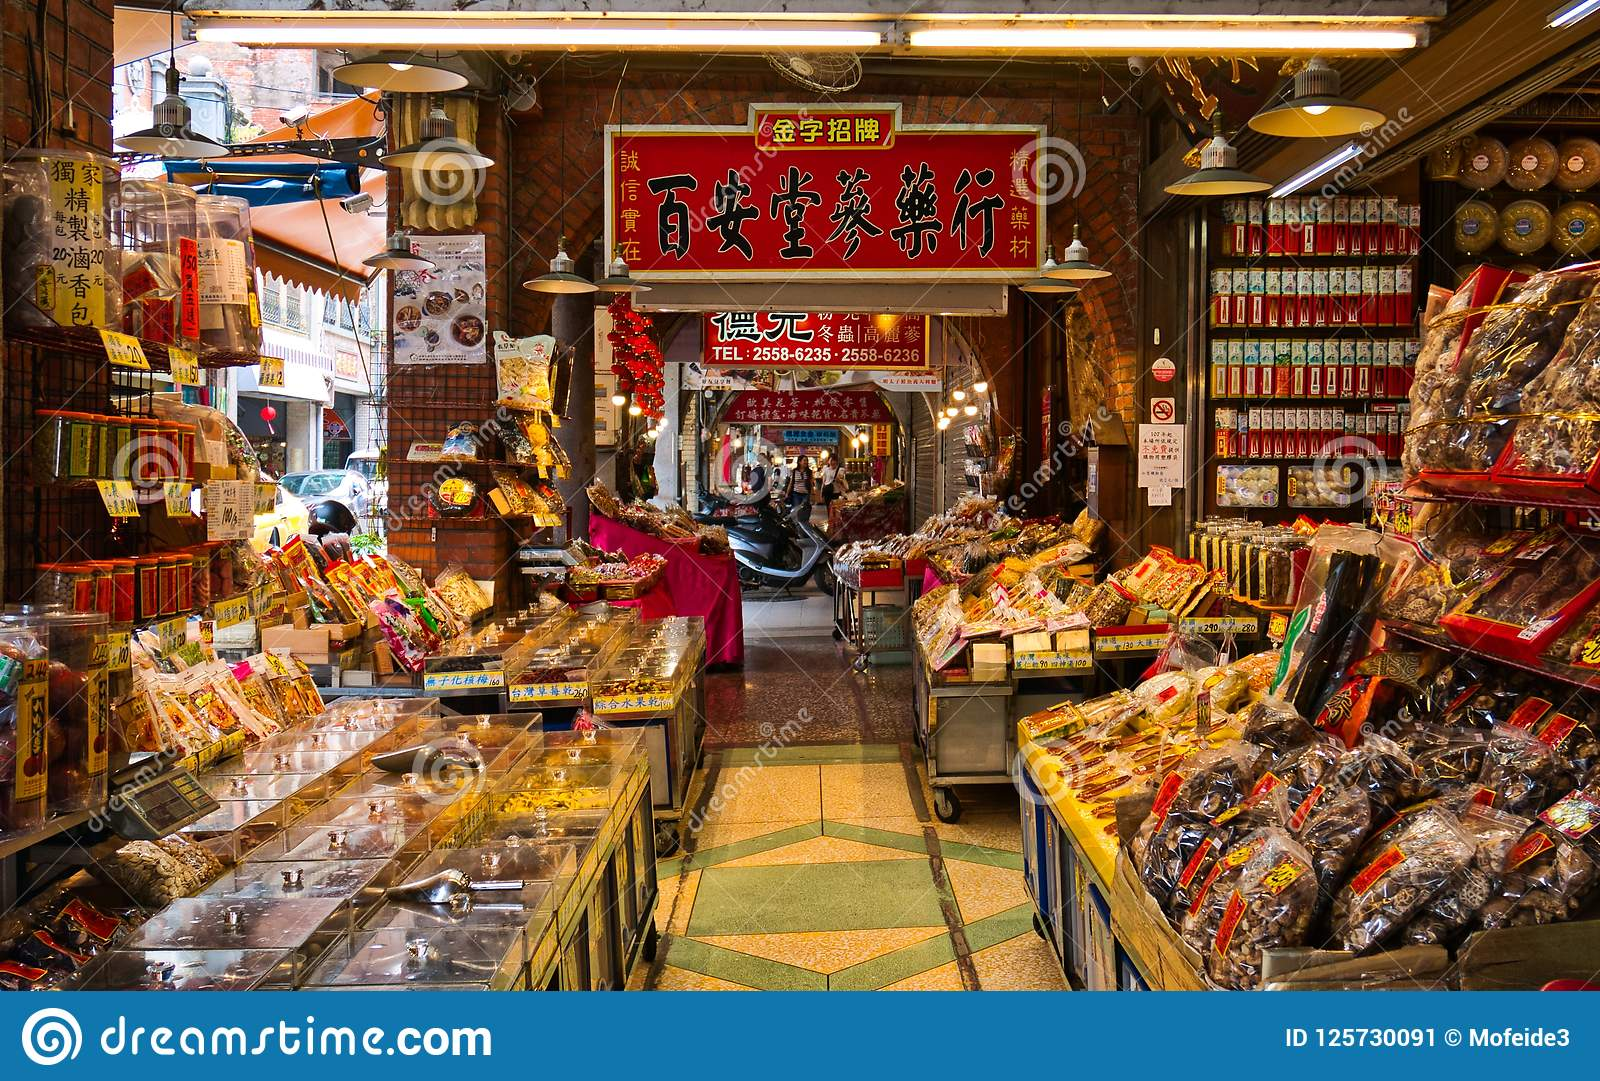 Πεζοδρομίων φαρμακείων βοτανική ιατρική παραδοσιακού κινέζικου καταστημάτων πωλώντας ξηρά